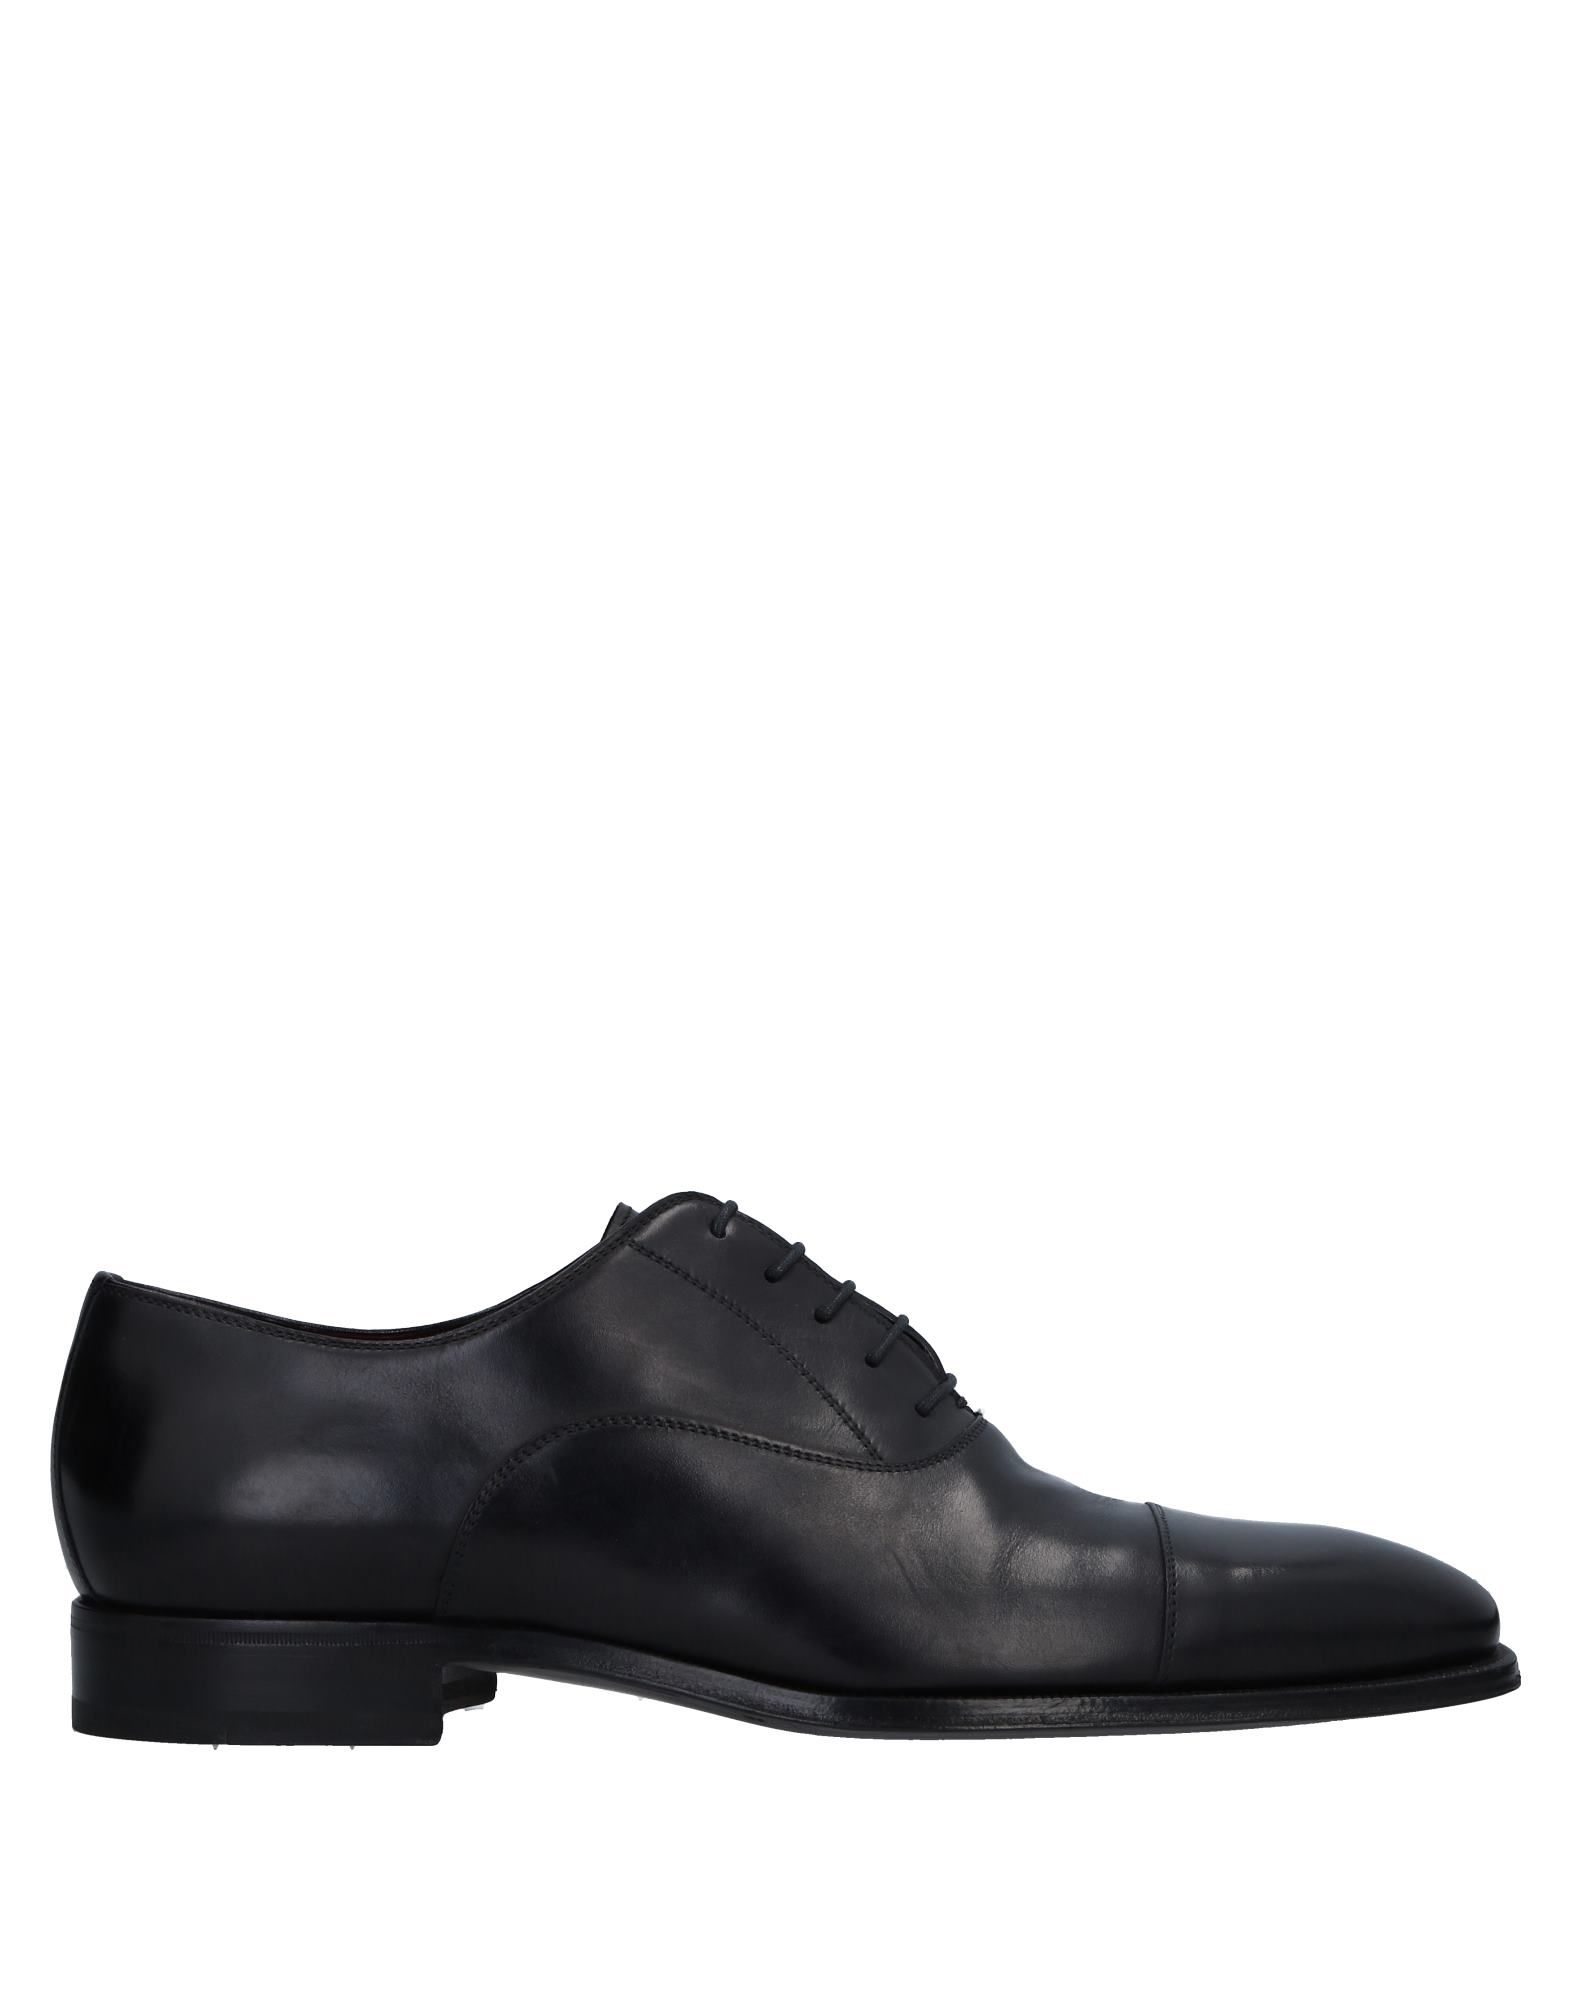 Sutor Mantellassi Schnürschuhe Herren  11534387PN Gute Qualität beliebte Schuhe